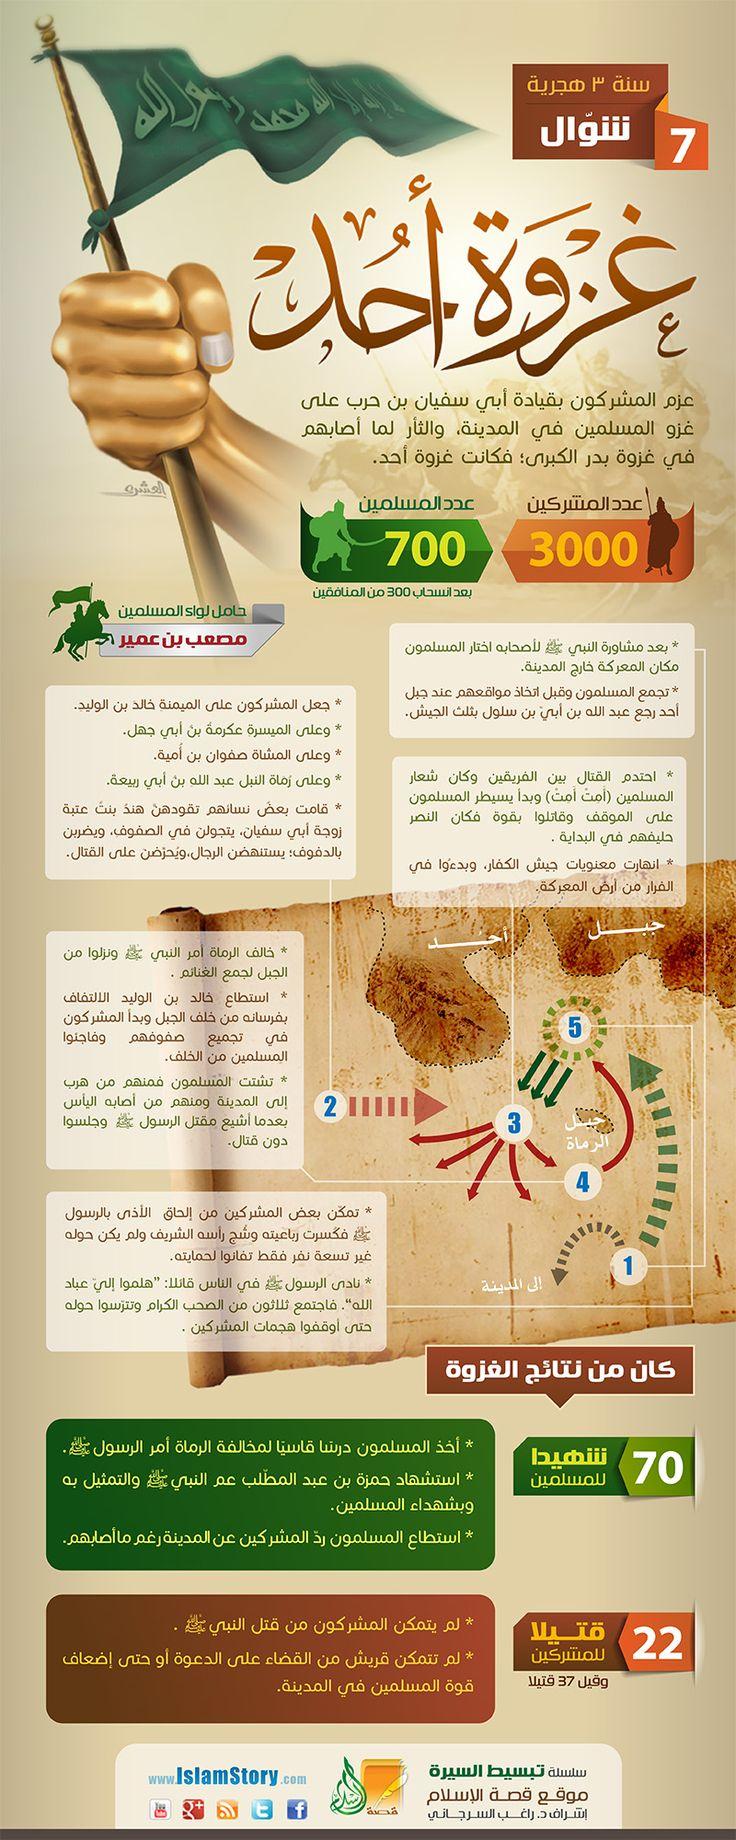 #إنفوجرافيك غزوة أحد | من إنتاج موقع قصة #الإسلام | #صورة #انفوجرافيك #التاريخ #الإسلامي #تاريخ #الاسلام #Islamic #history